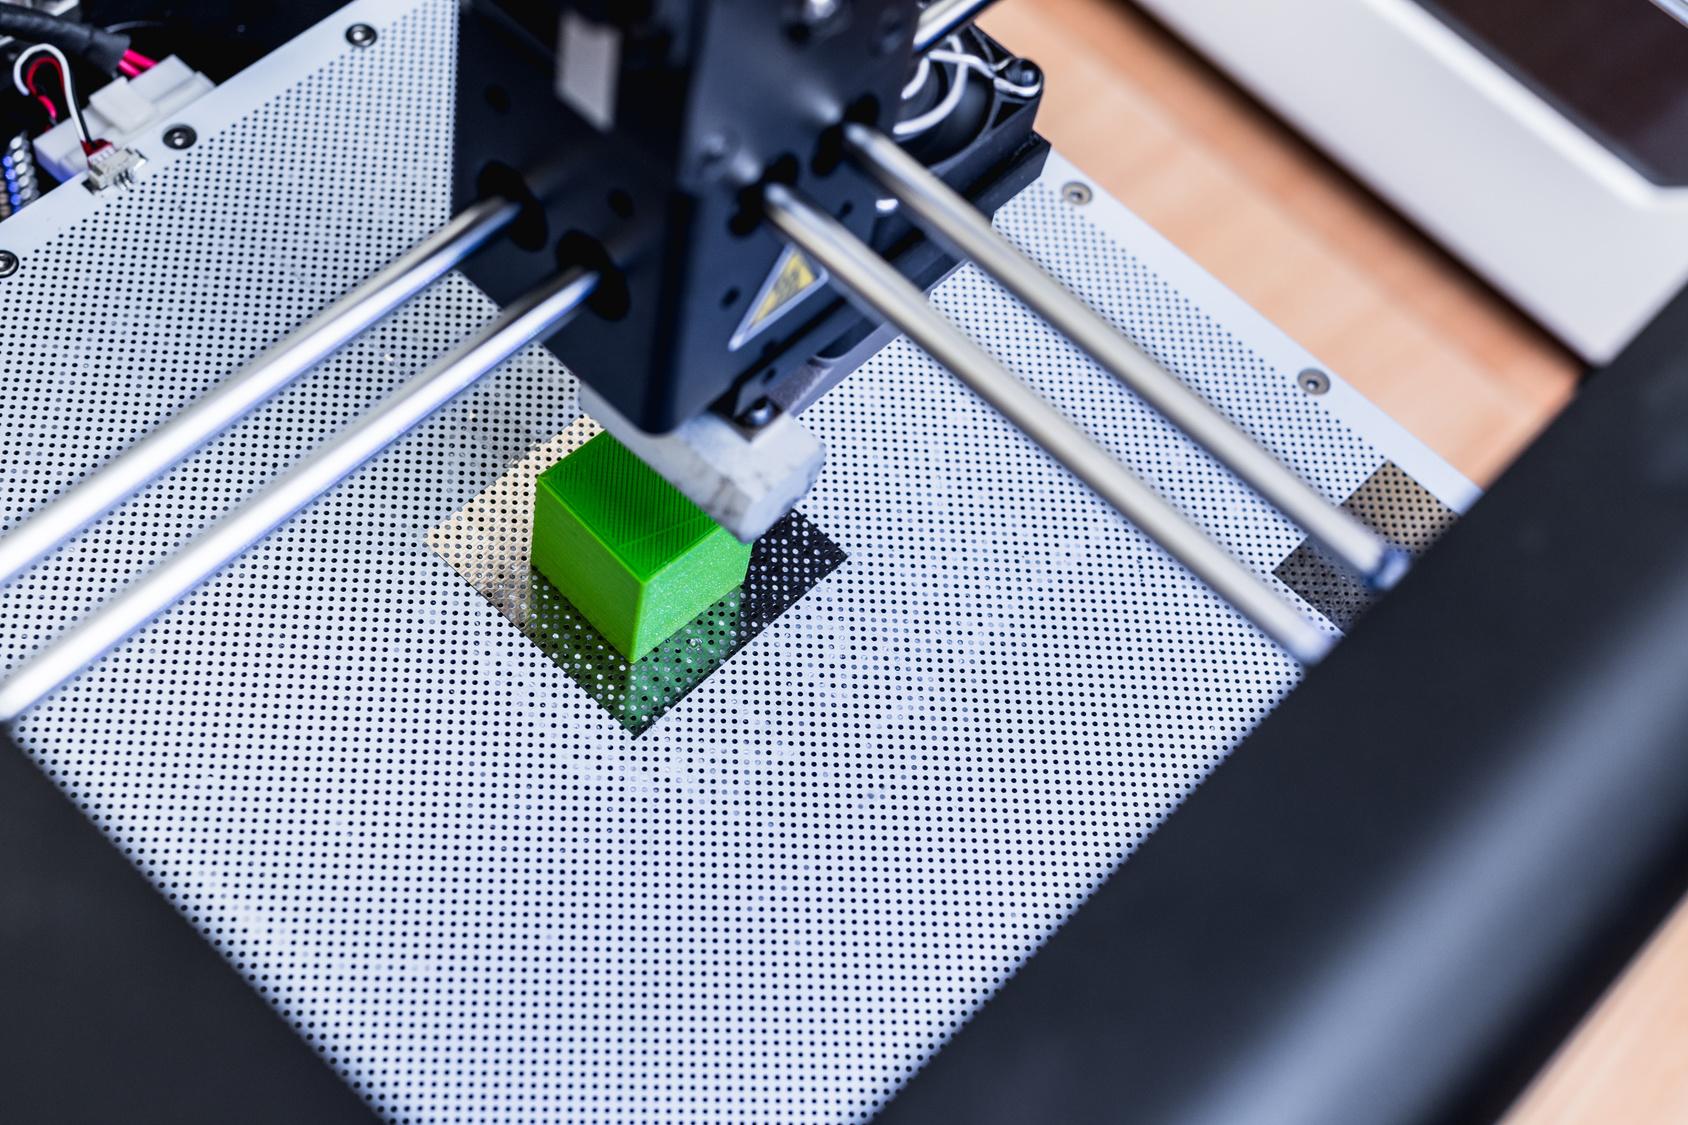 3D Drucker in Aktion beim Druck eines grünen Würfels